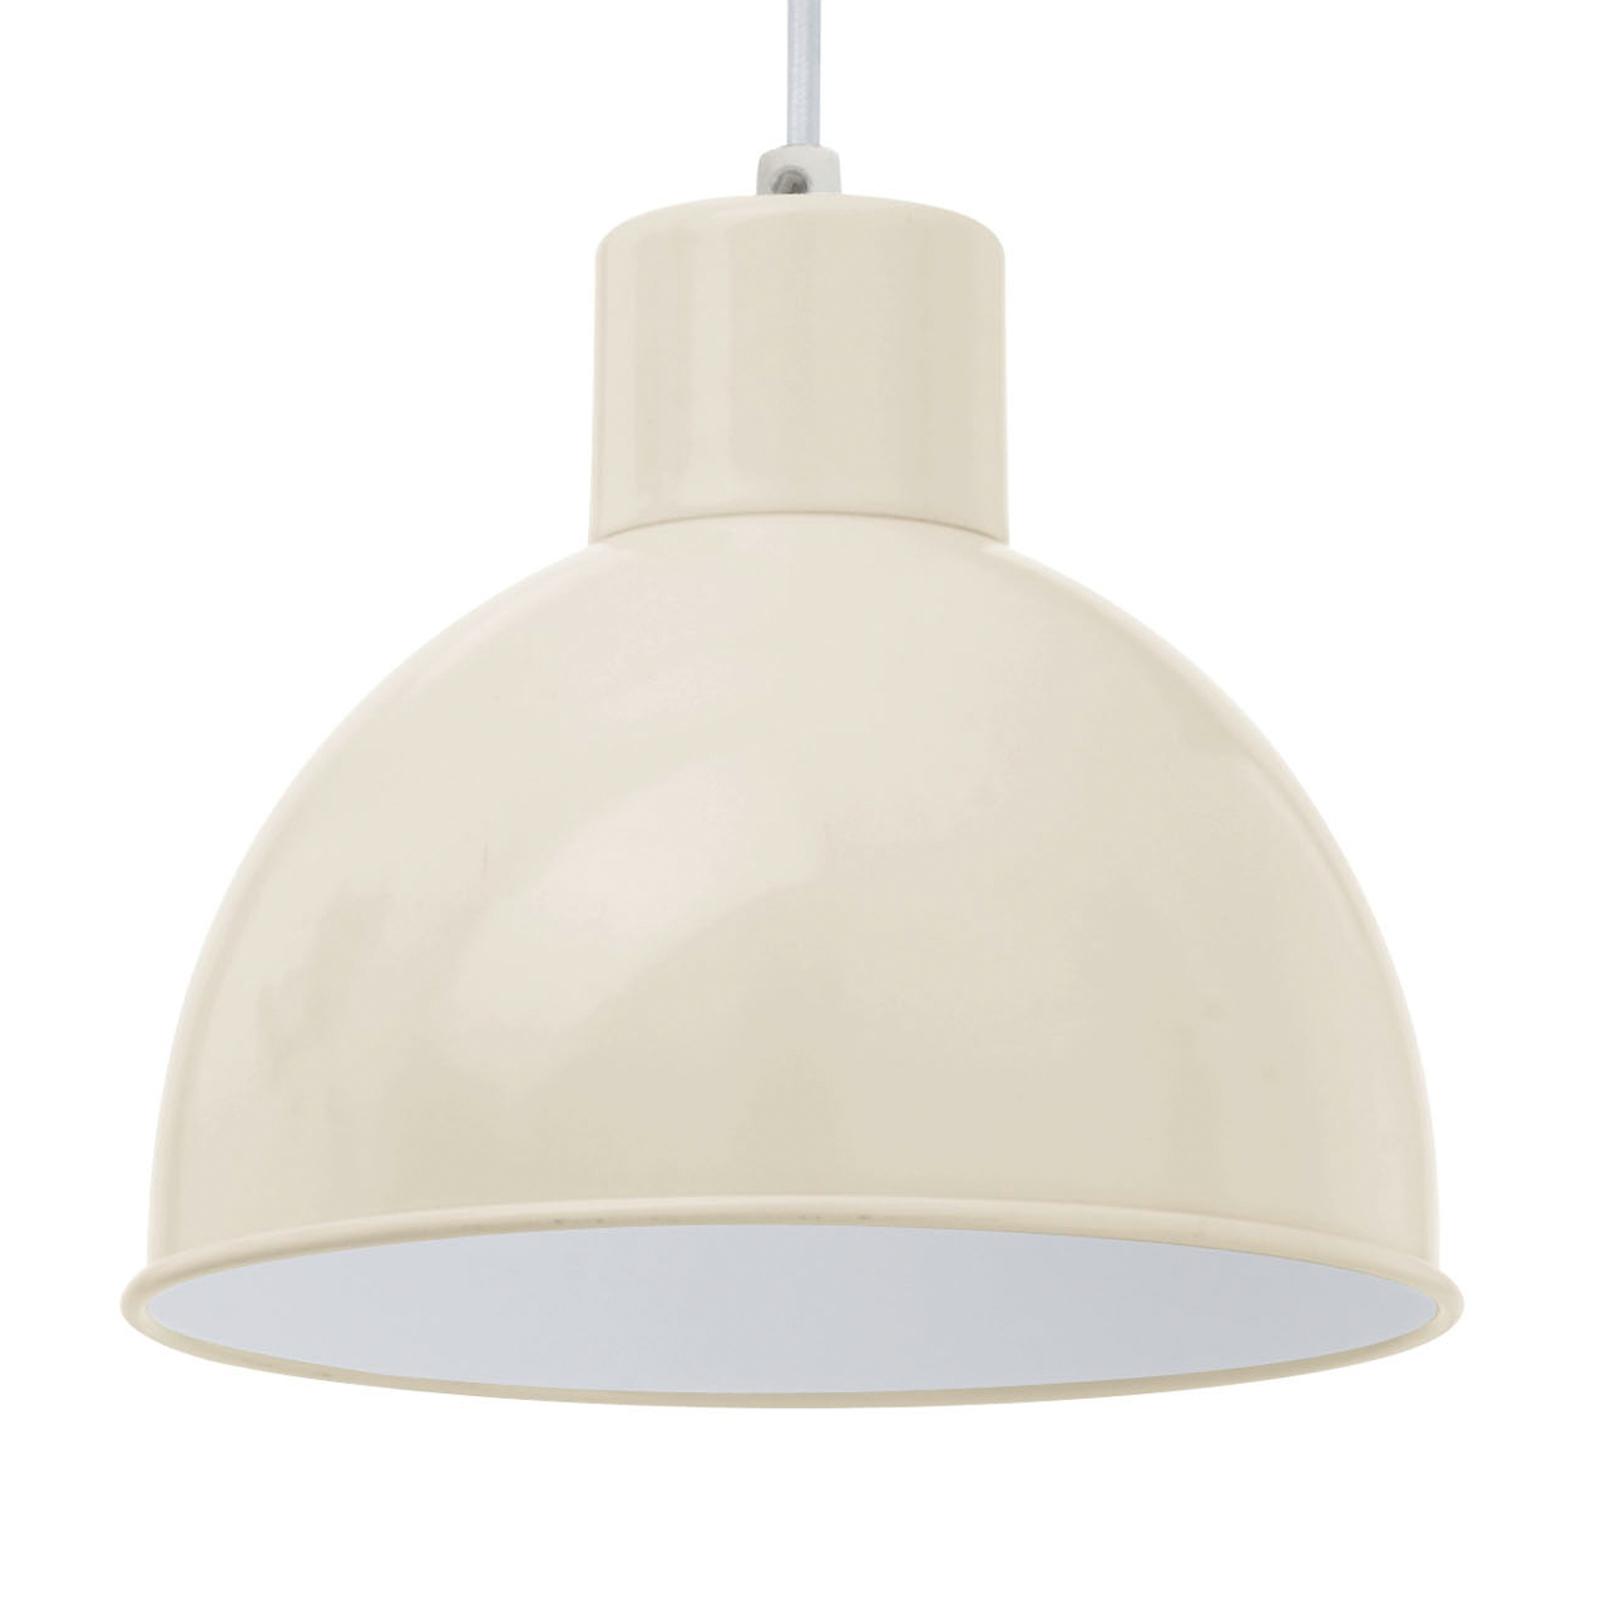 Lampa wisząca ANDRIN, piaskowa - białe wnętrze